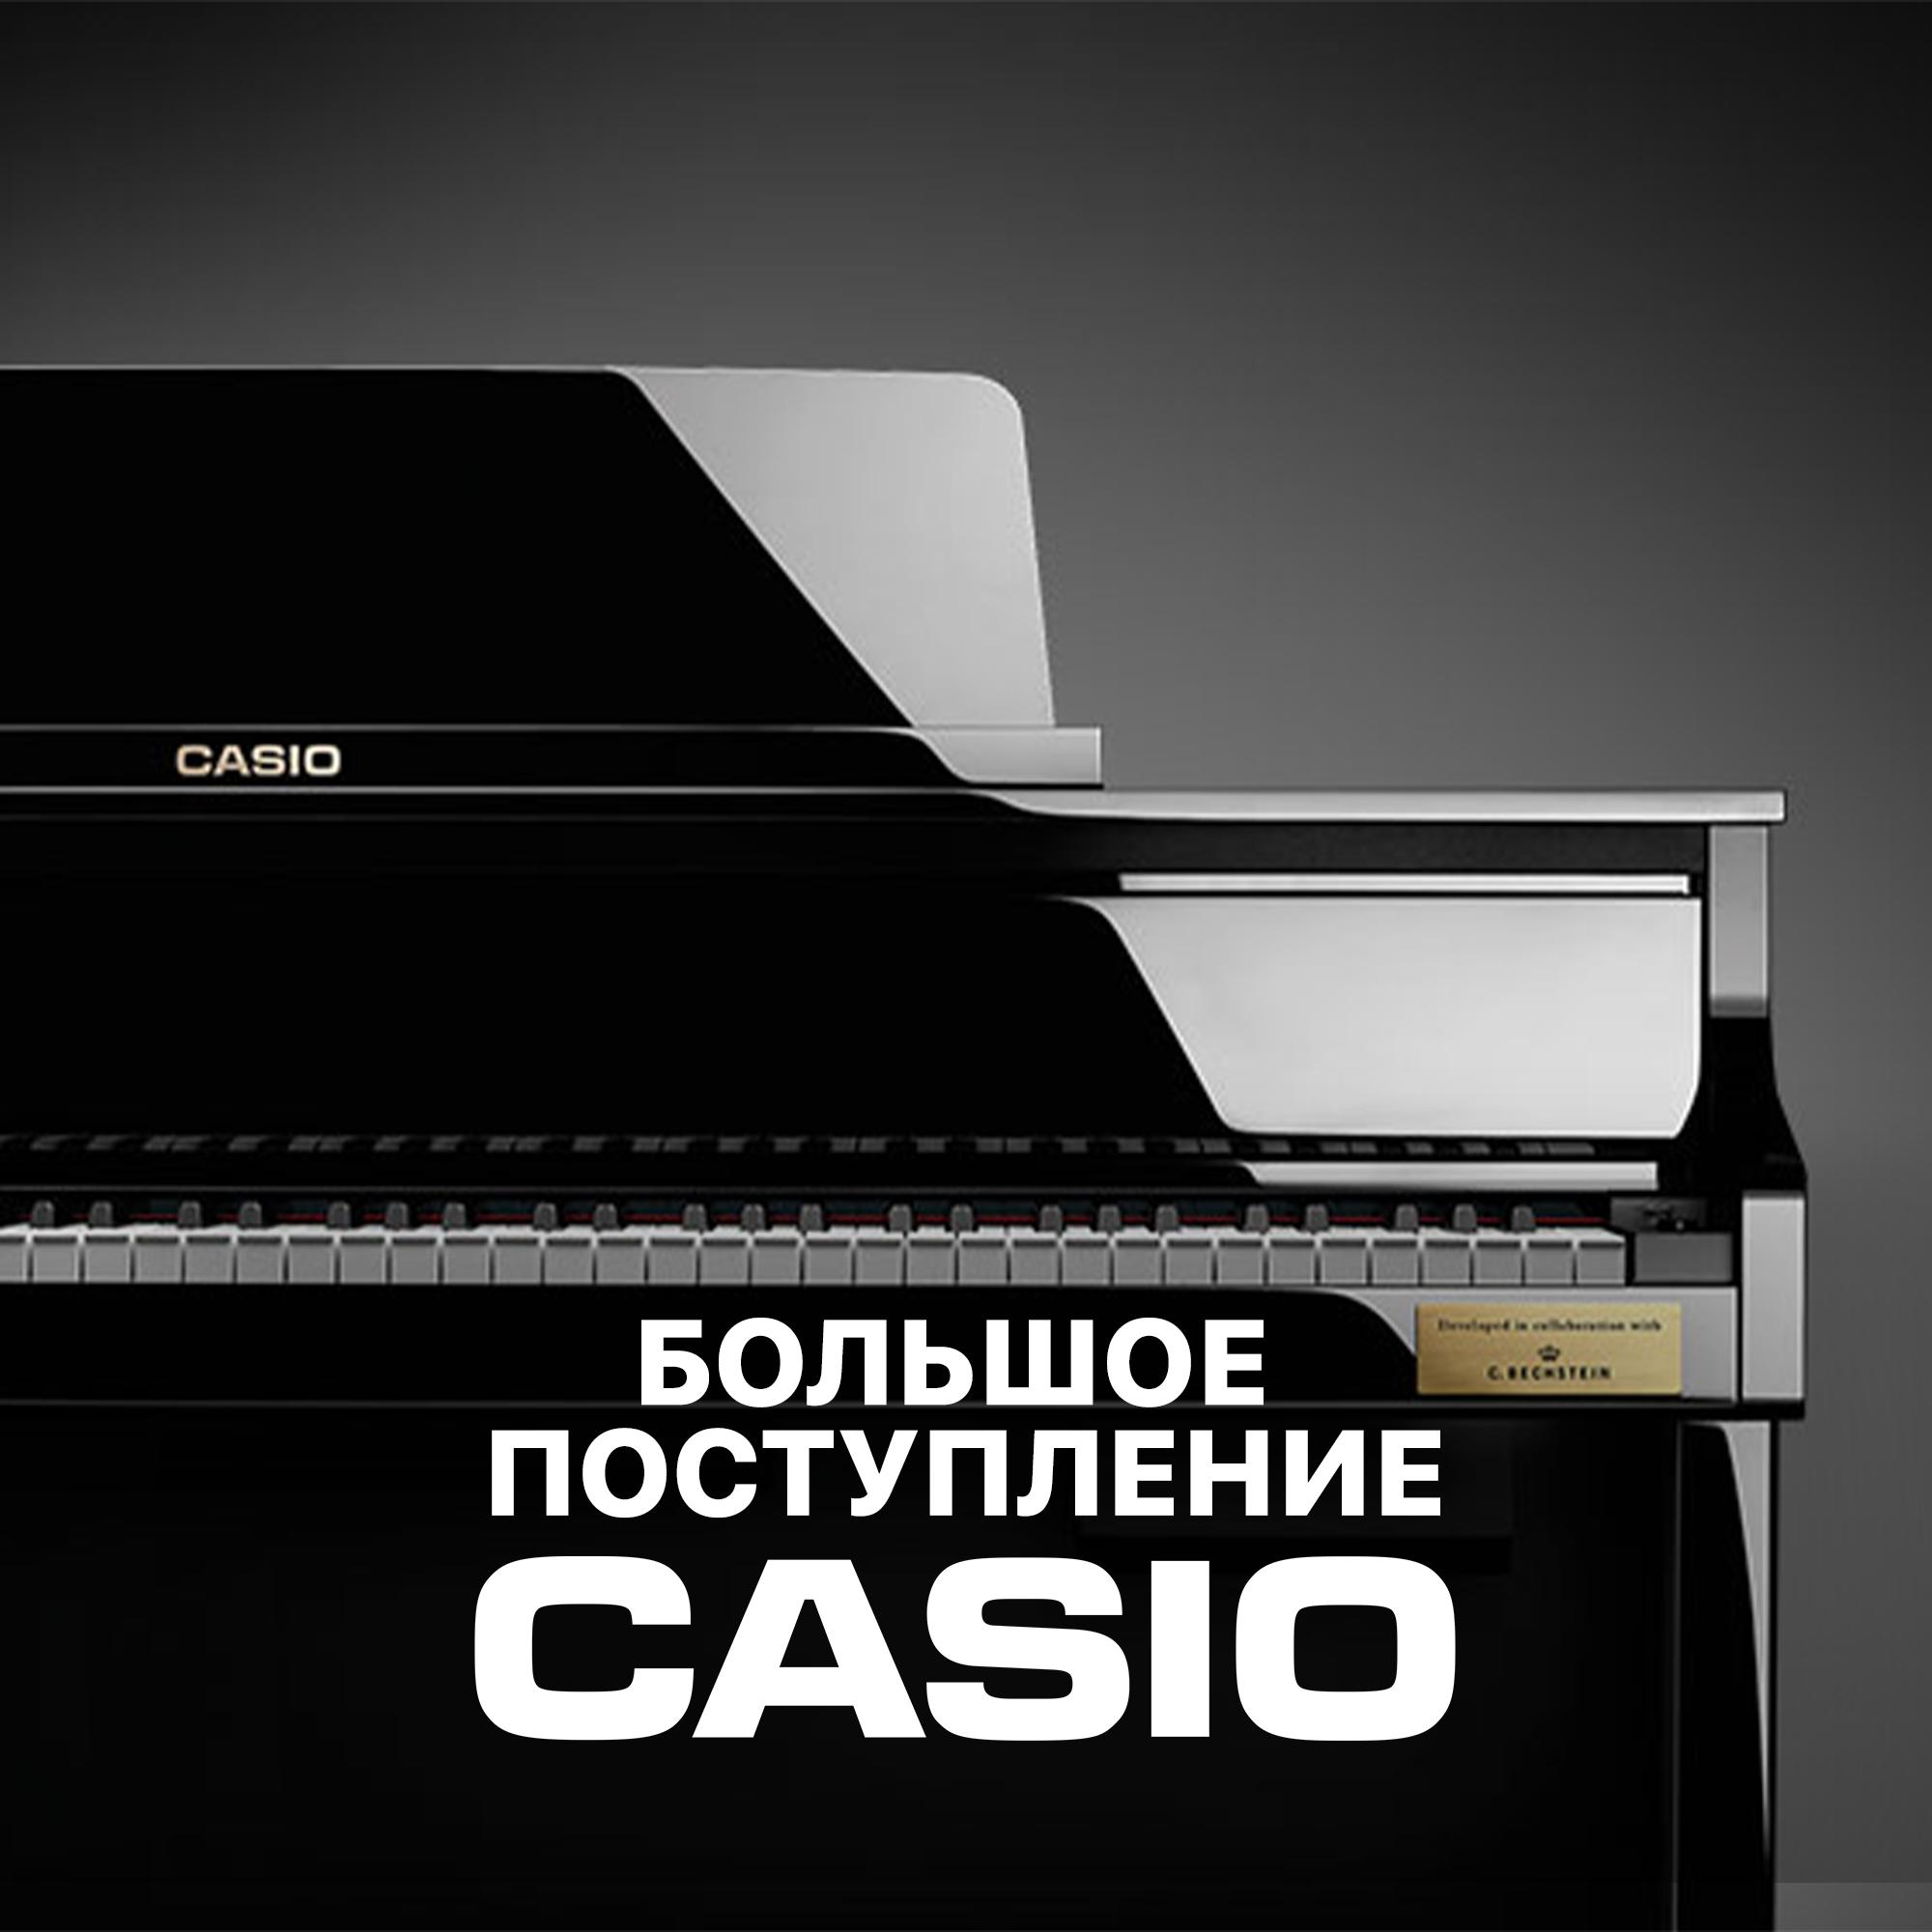 Поступление клавишных линейки CASIO серии CDP-S